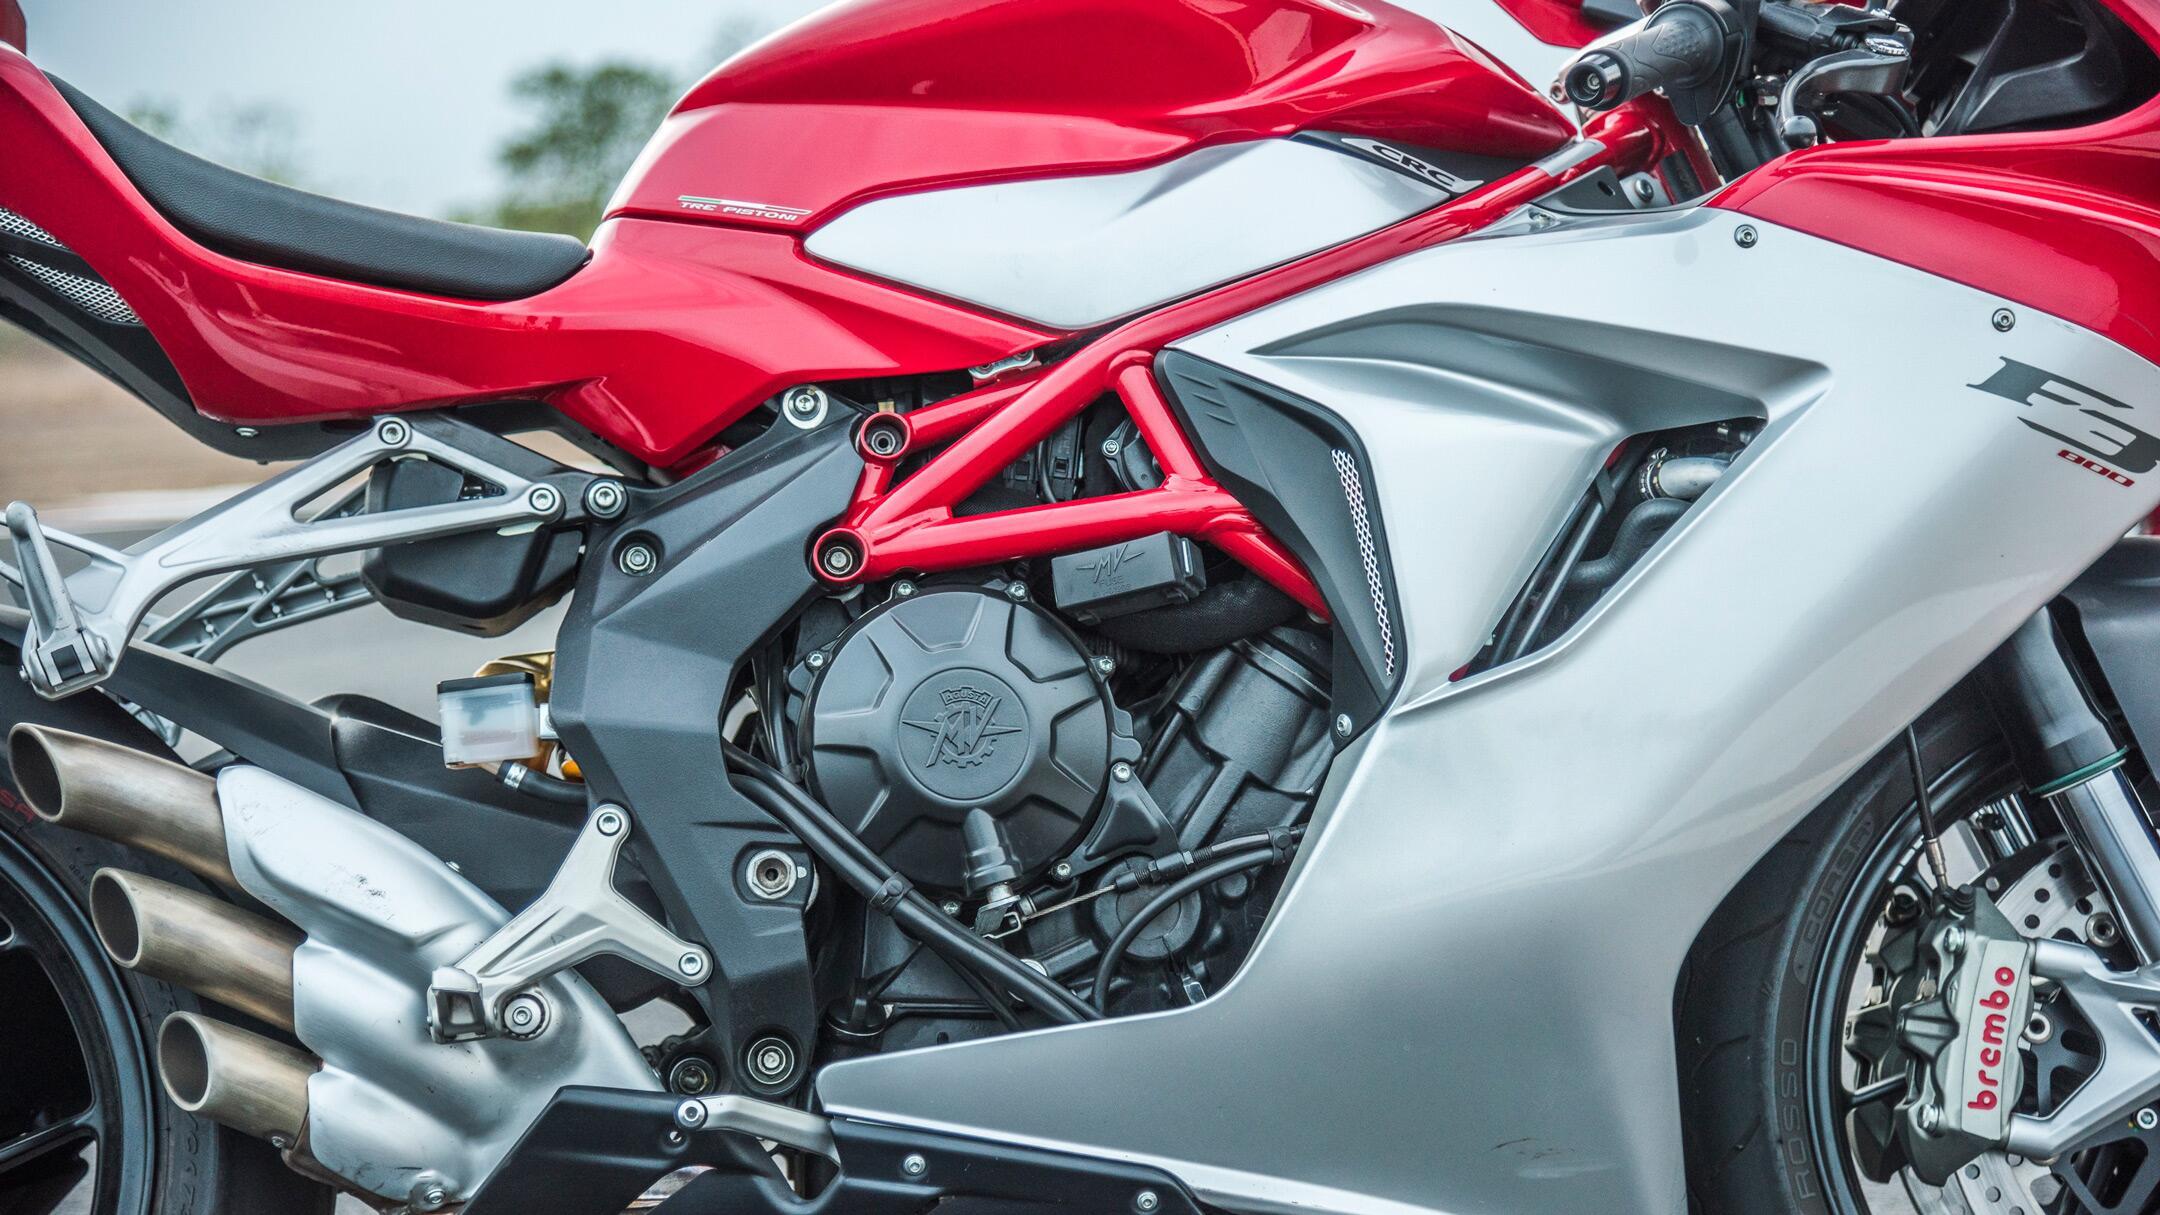 Ducati 959 Panigale vs MV Agusta F3 800